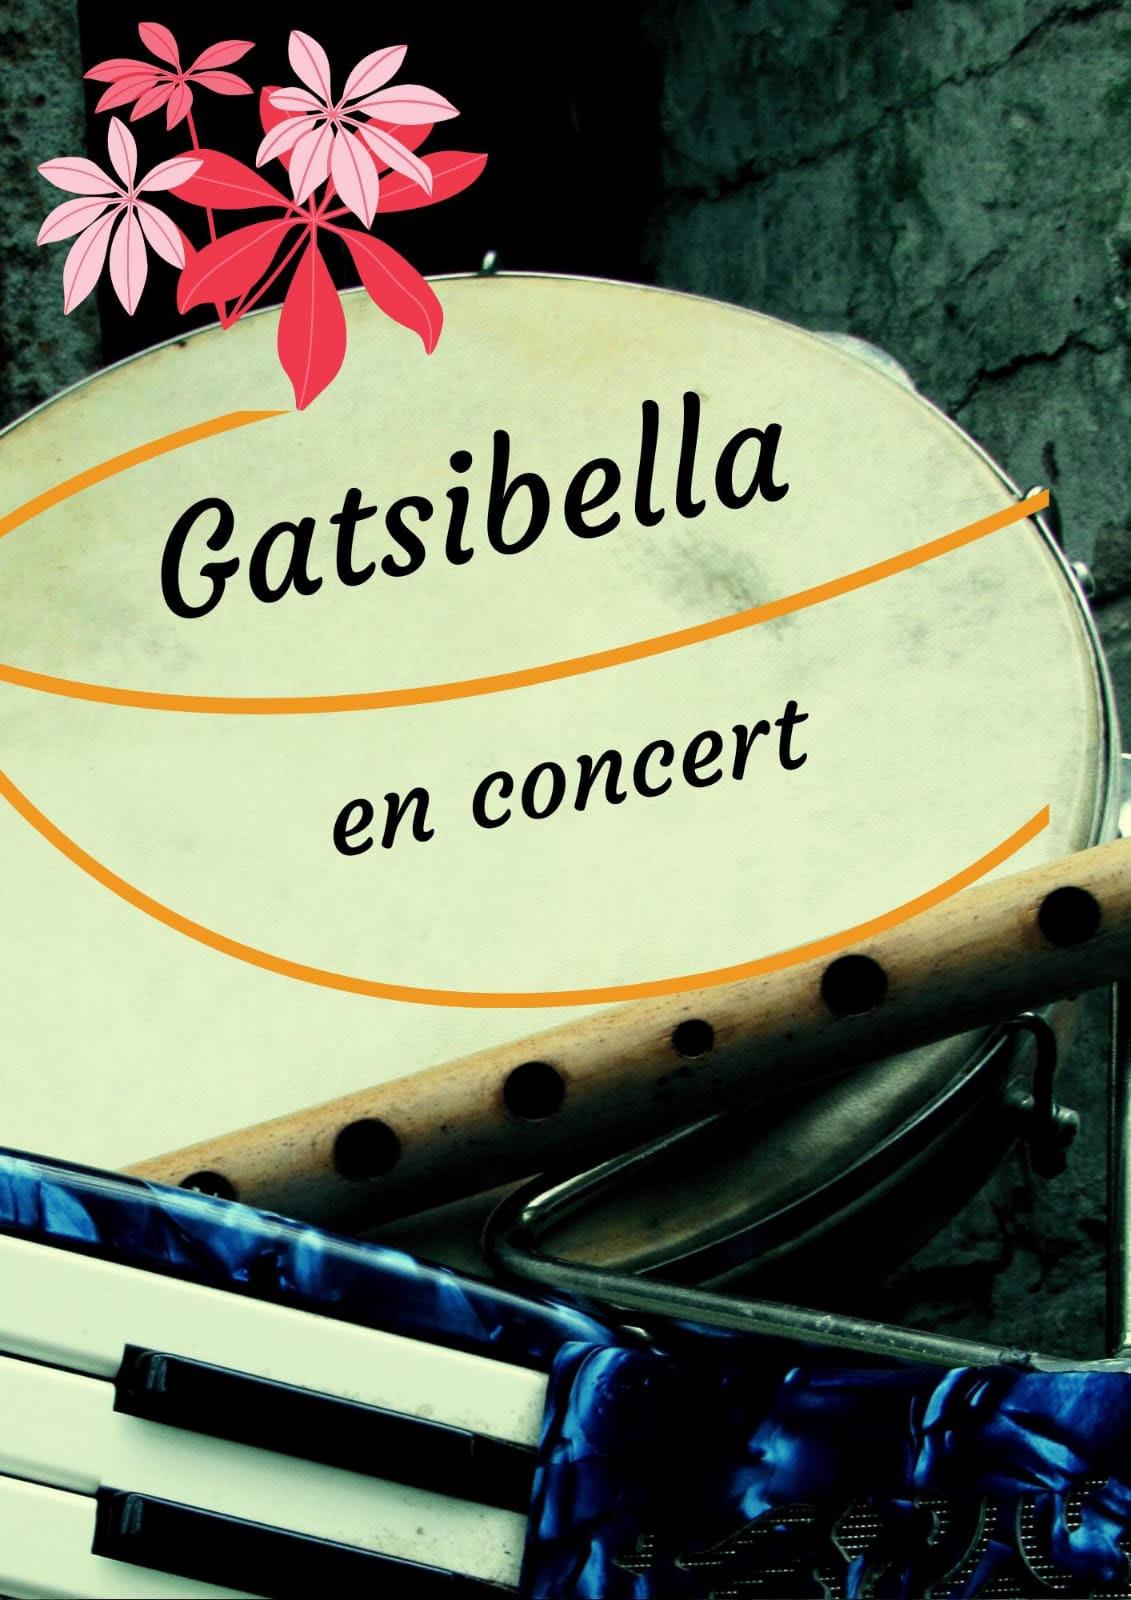 Gatsibella